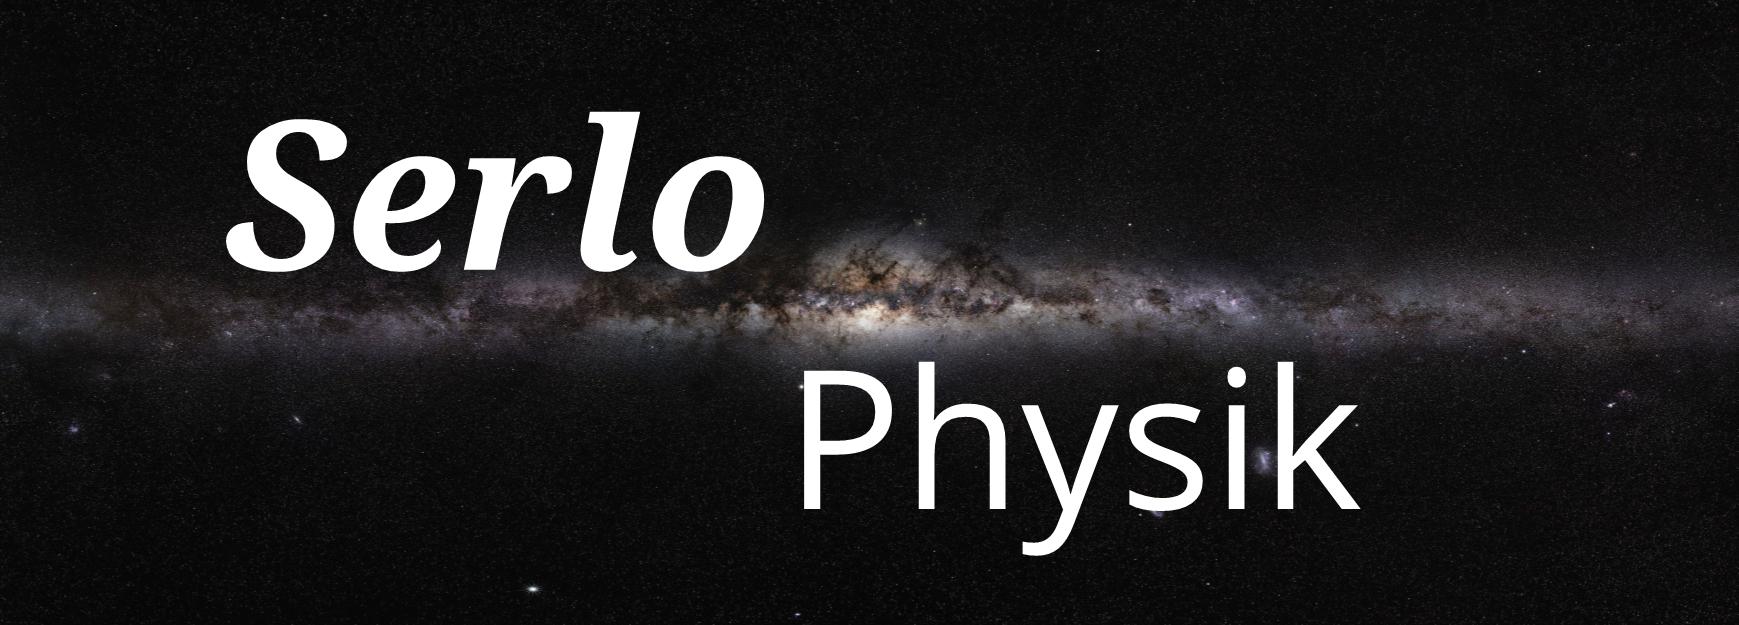 Milchstraße Original von ESO.ORG